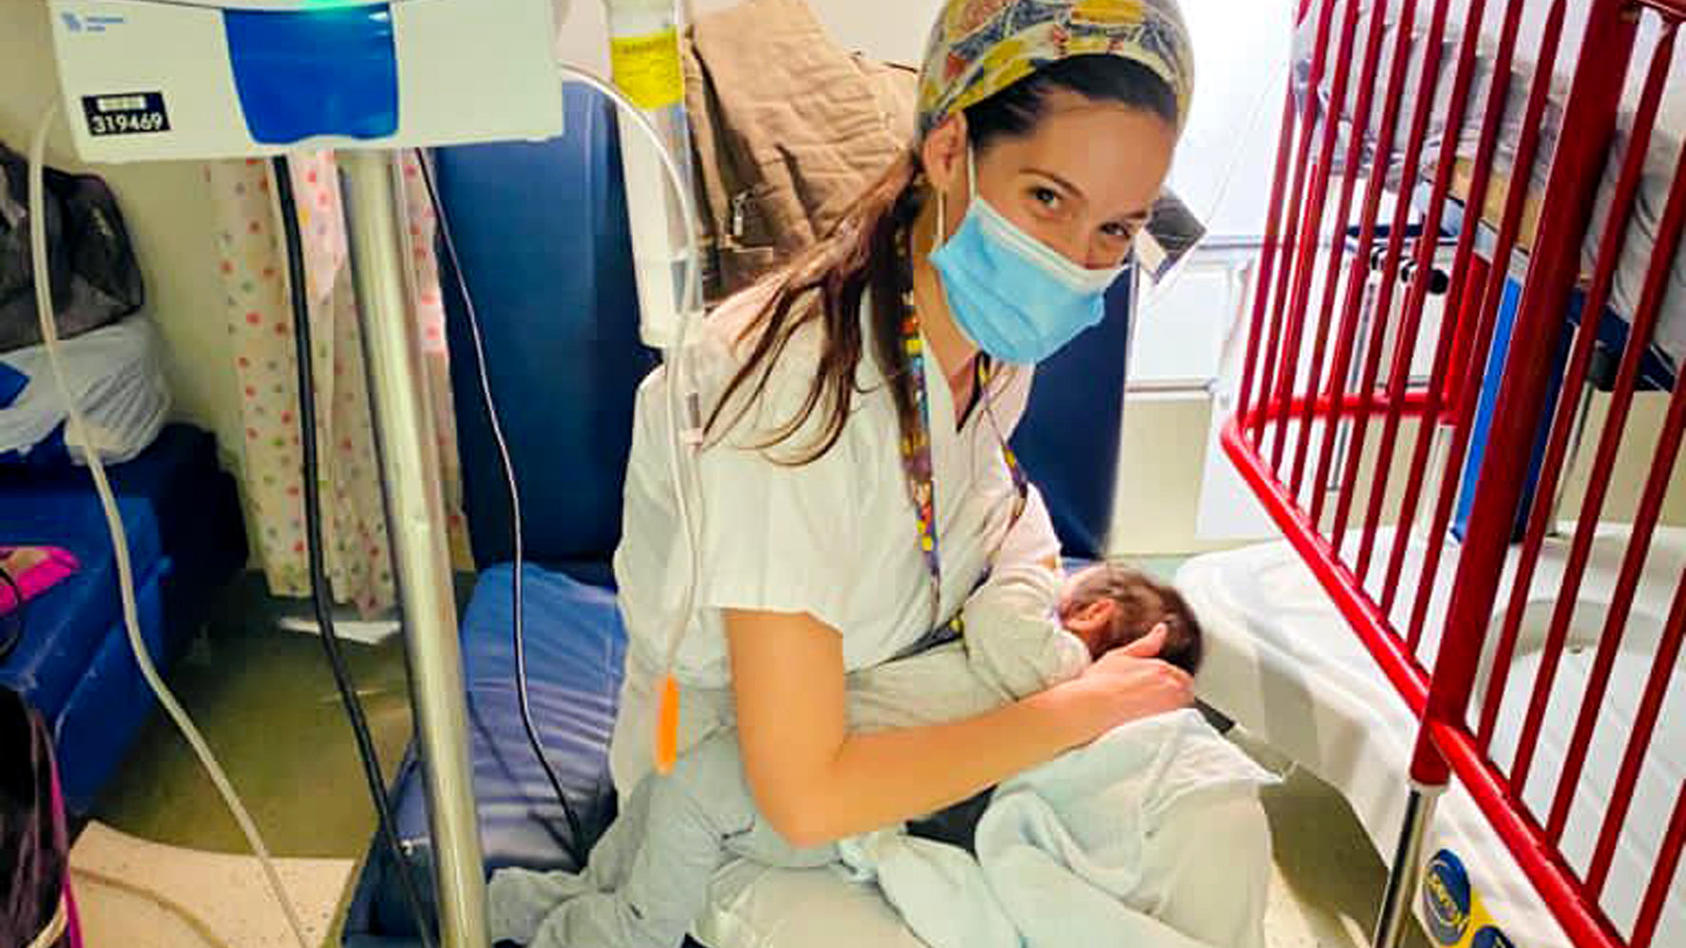 Krankenschwester Jael Cohen stillt ein vier Monate altes Baby in der Hadassah-Klinik, nachdem die Mutter, eine Palästinenserin, bei einem Unfall schwer verletzt in das Jersualemer Krankenhaus gebracht worden war.